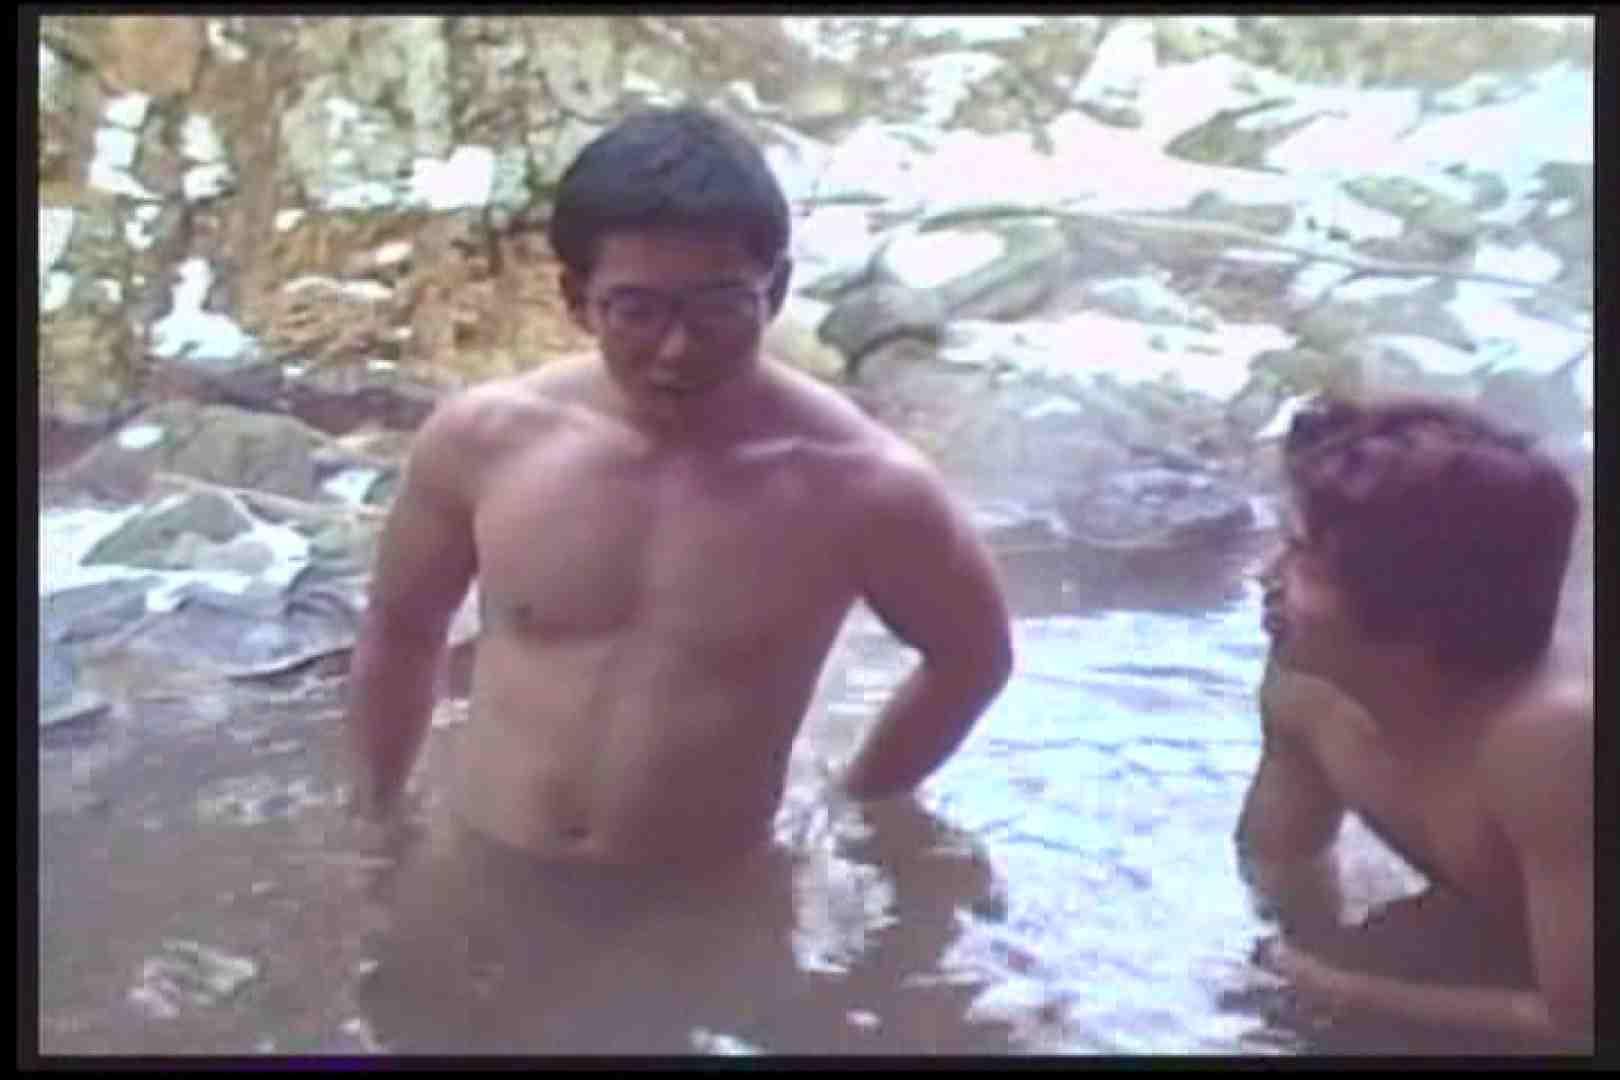 若人は元気!新歓合宿にておふざけ特集VOL.01 入浴・シャワーシーン ゲイフリーエロ画像 98枚 80